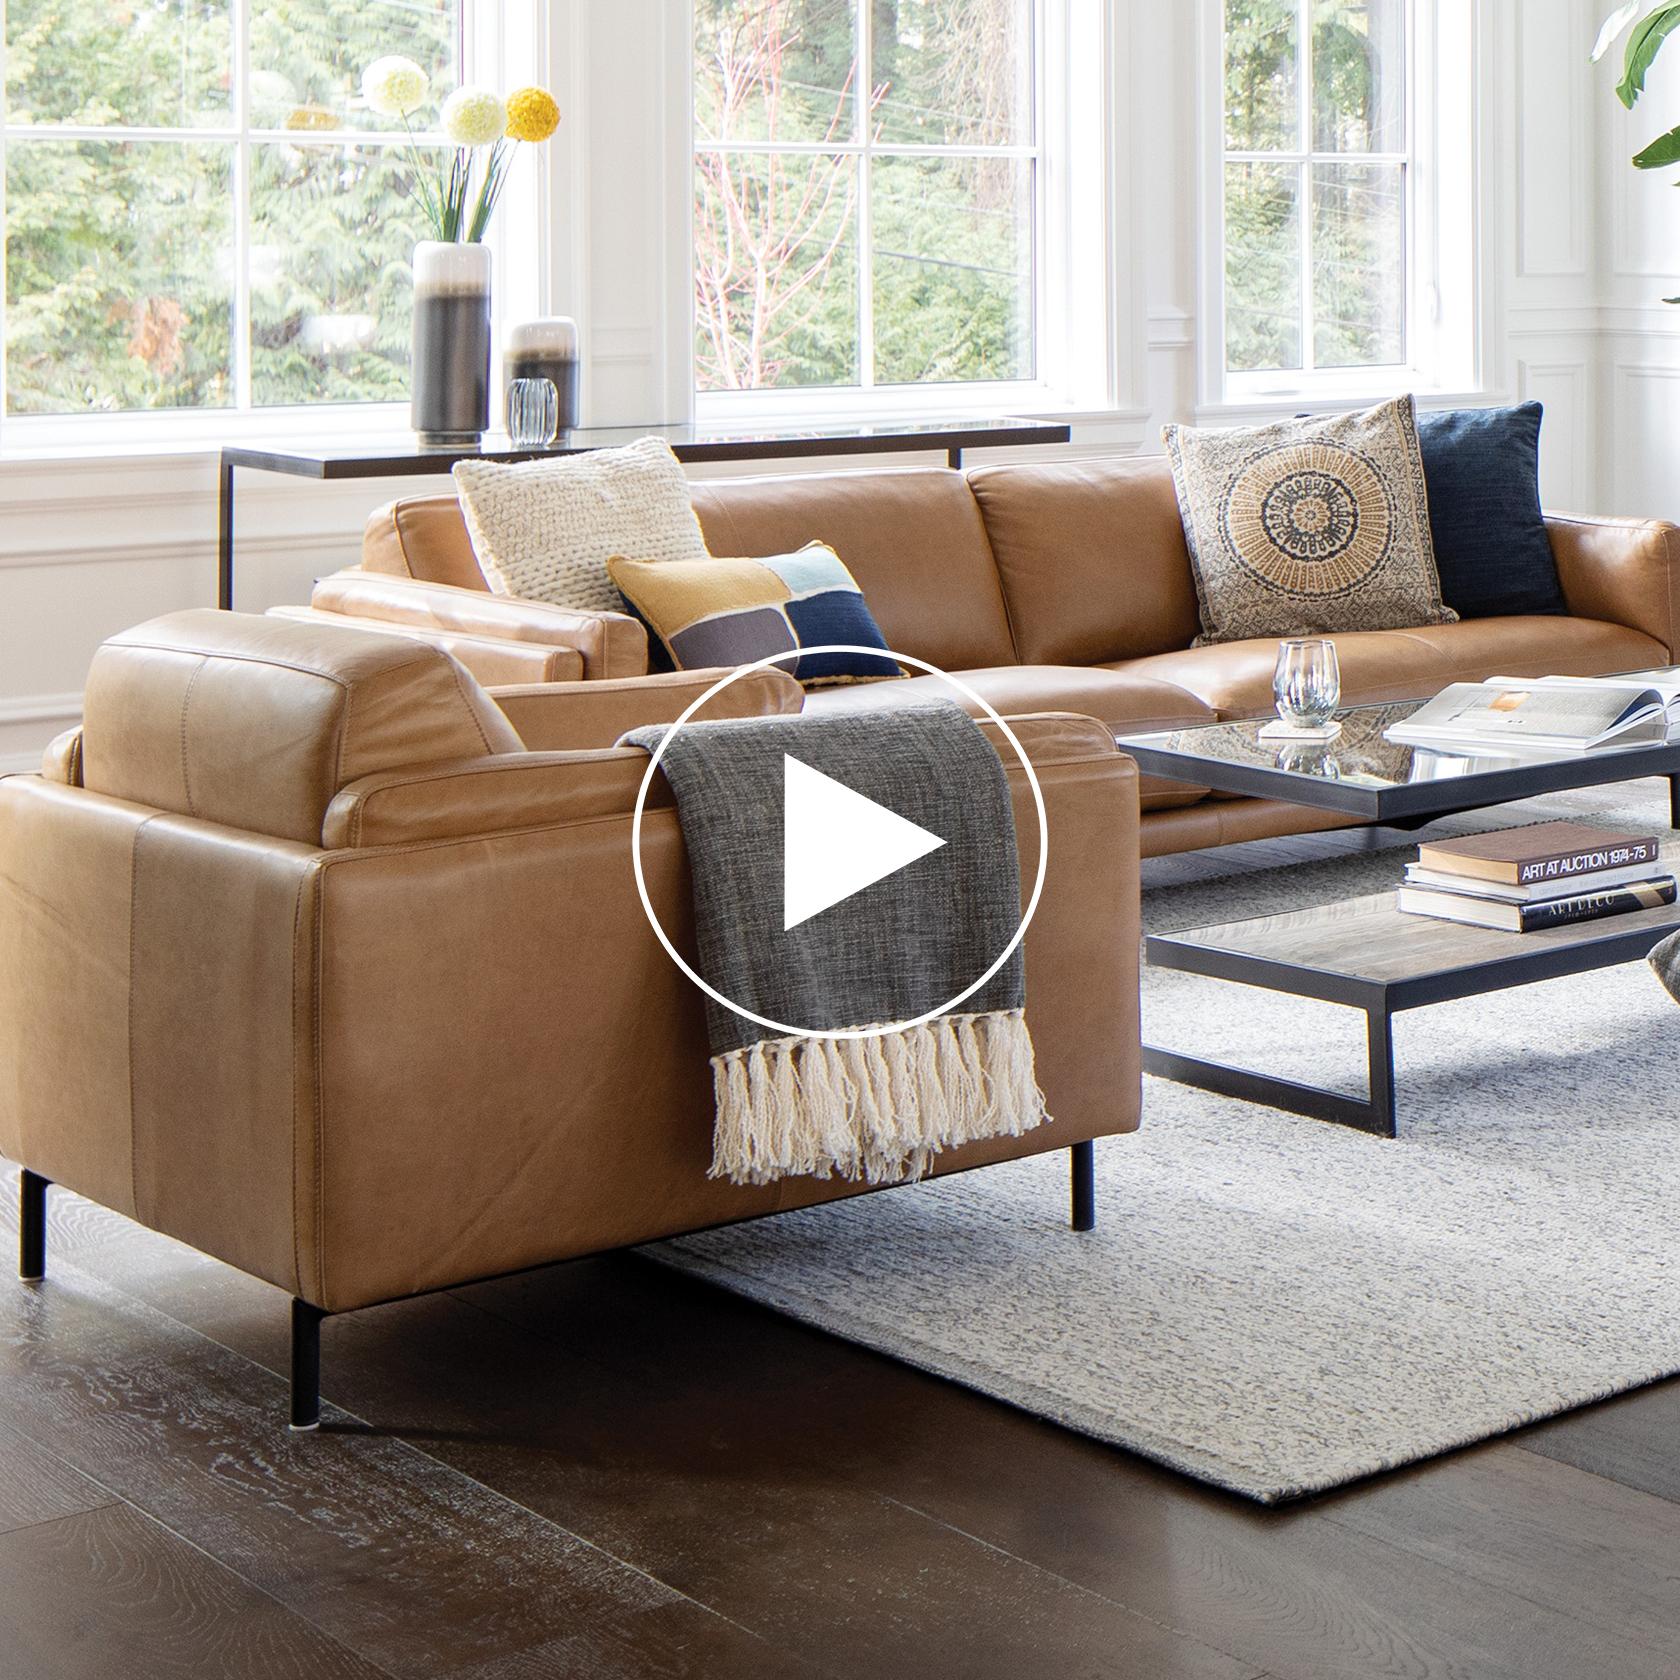 Renfrew Leather Armchair -Adler Tan